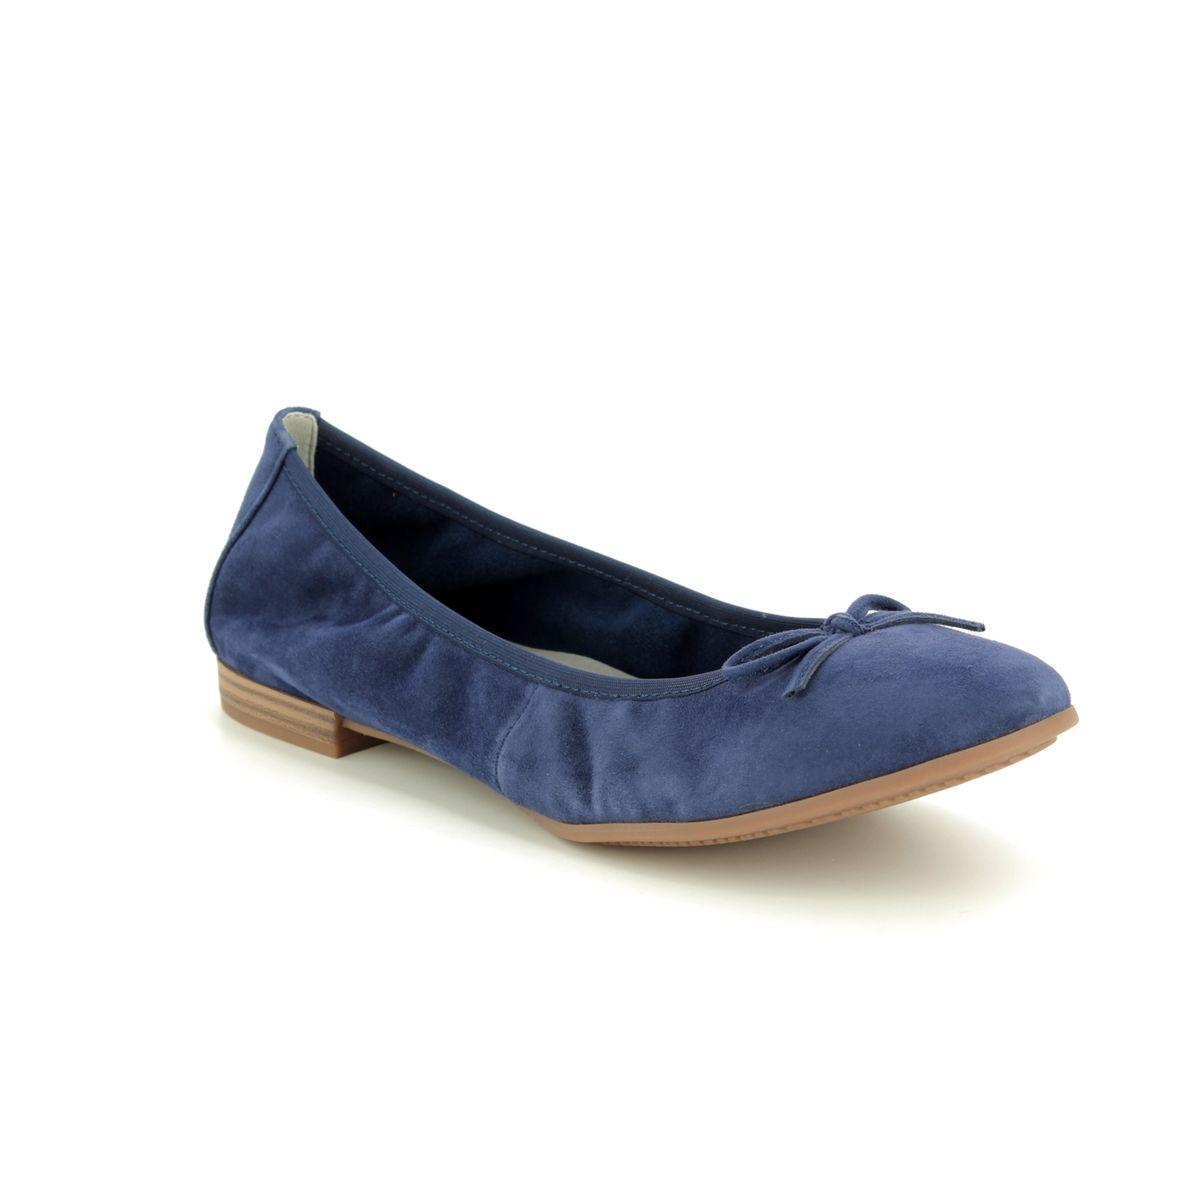 48a51aa8efd 22166/32/810 Alena 92 at Begg Shoes & Bags